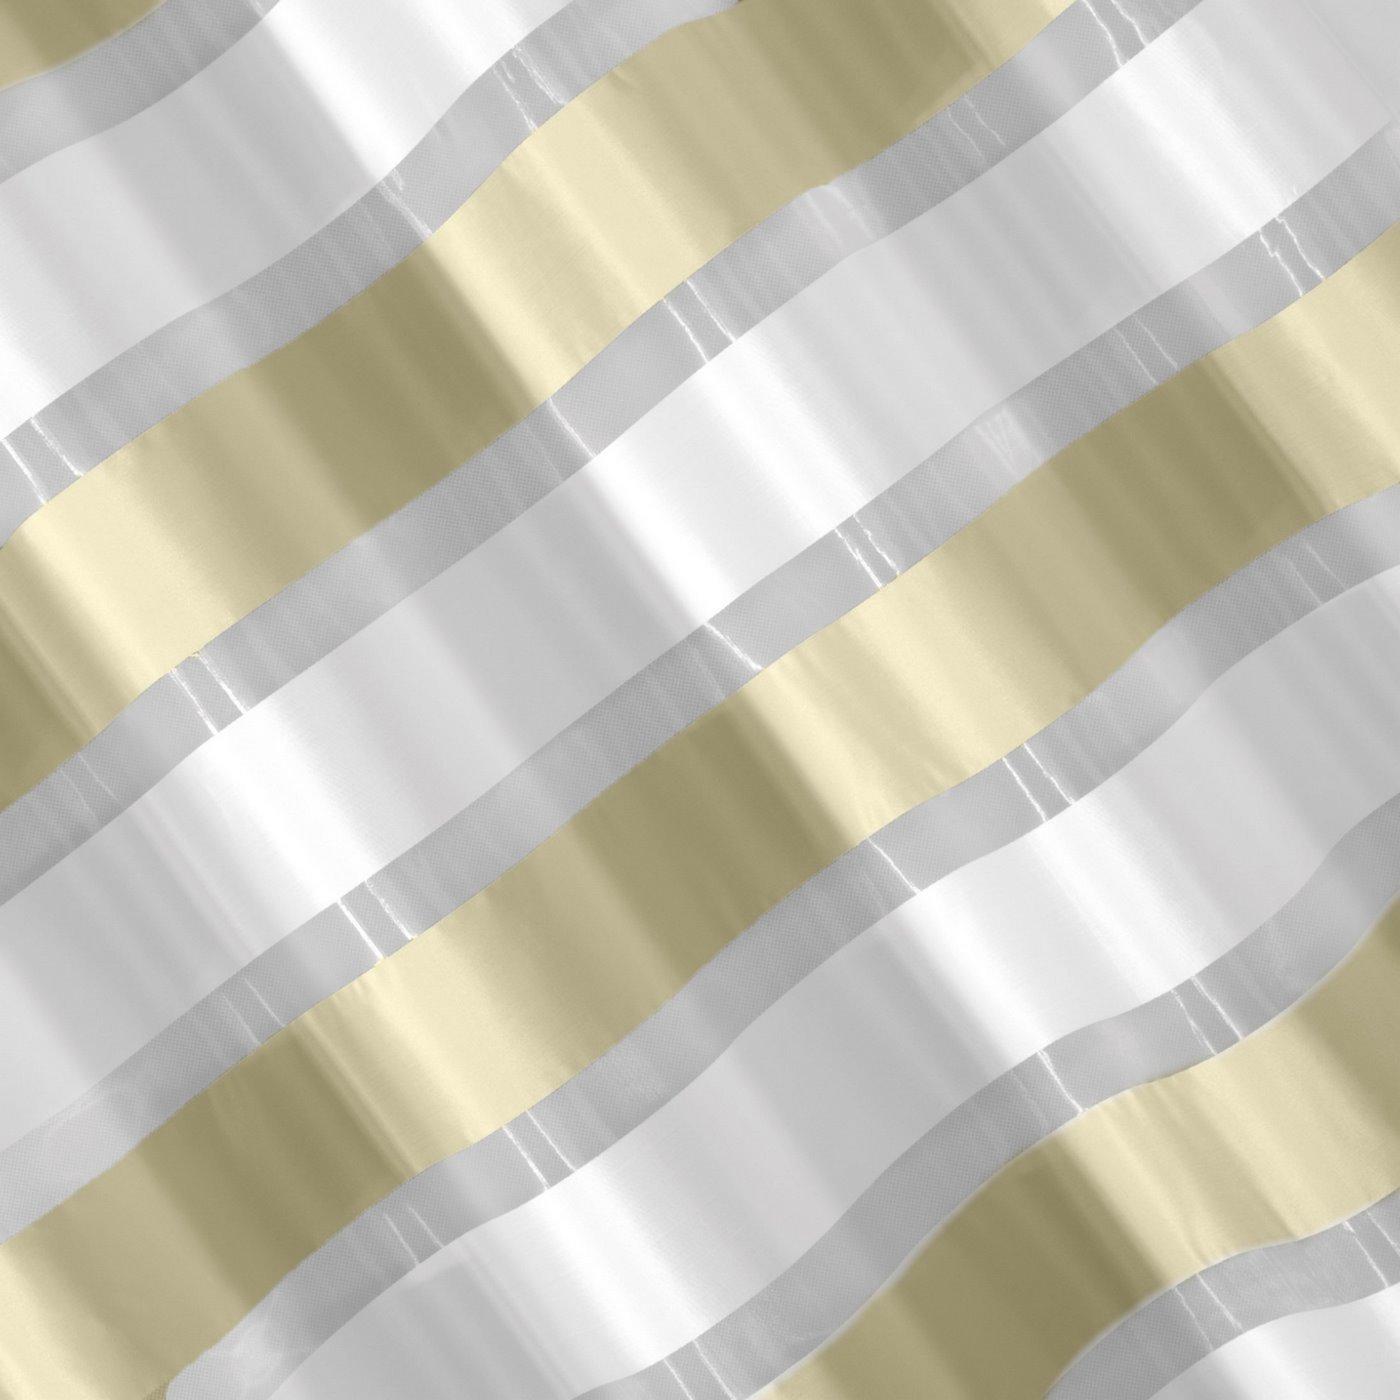 Zasłona poziome atłasowe pasy+organza kremowy+biały przelotki 140x250cm